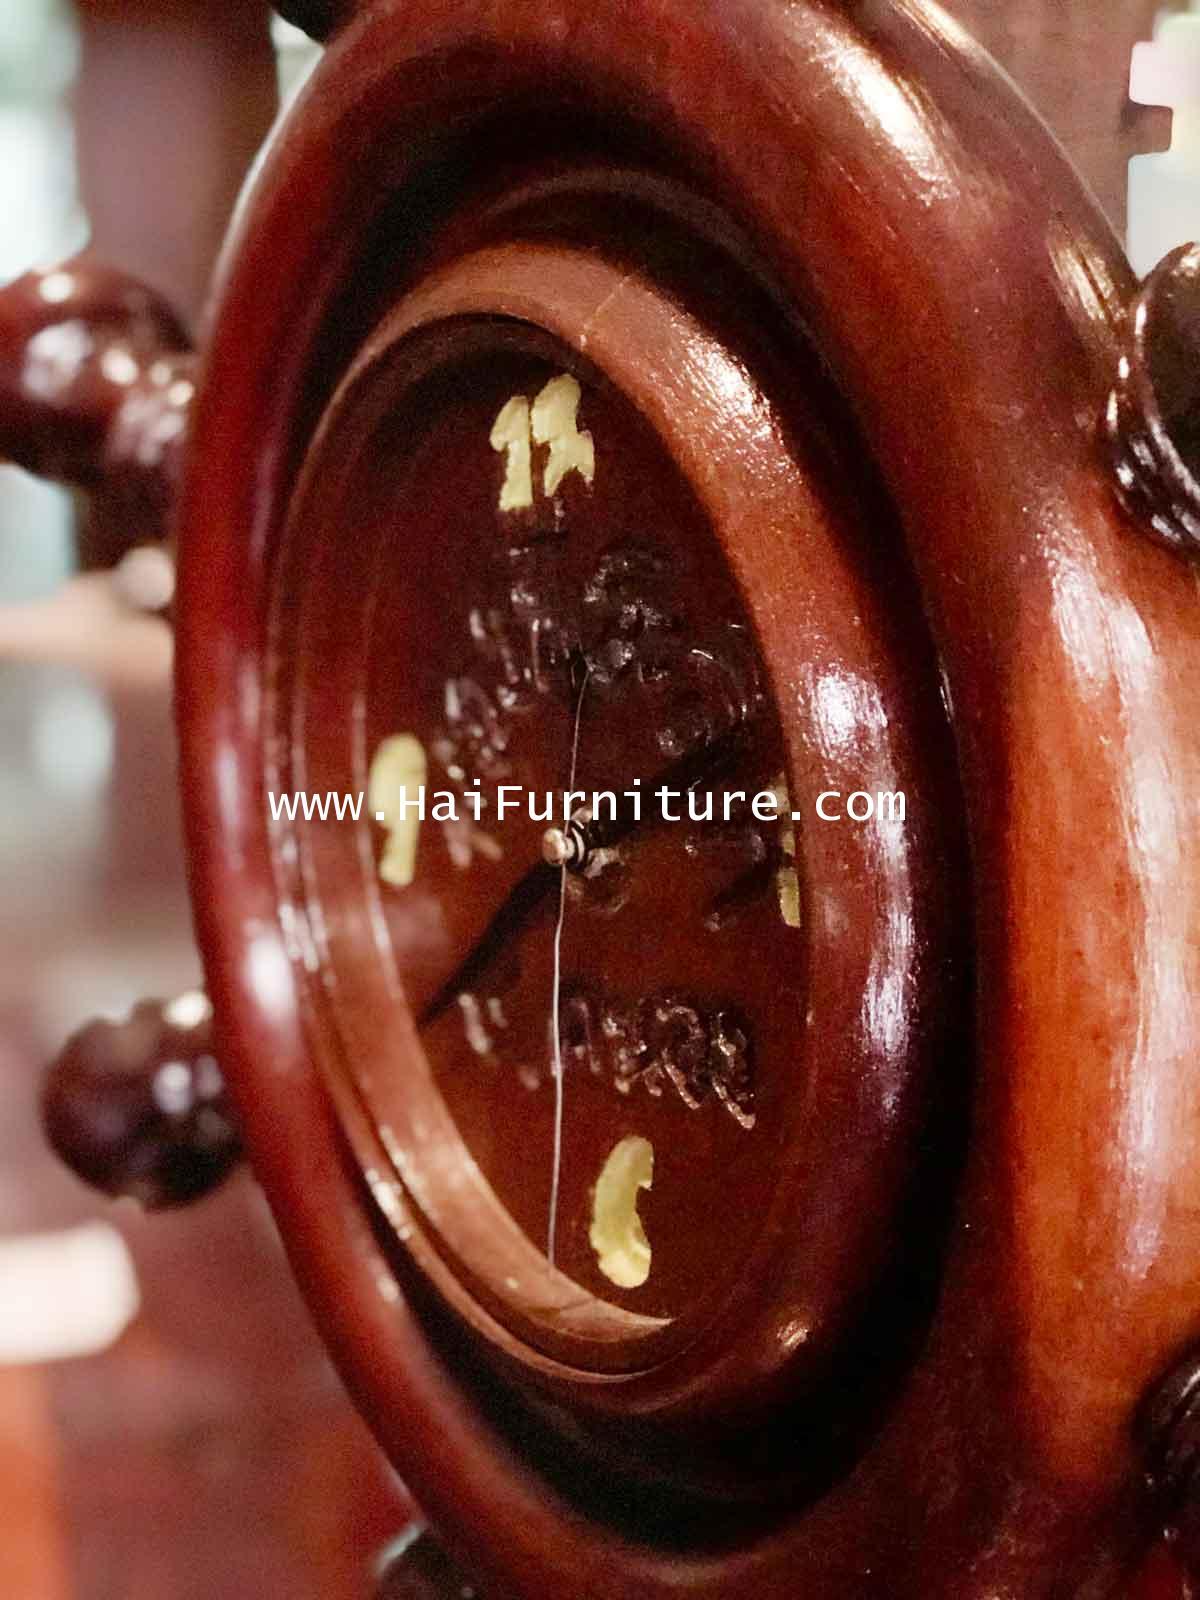 นาฬิกาไม้มะค่า พวกมาลัยเรือ 53*53*62 ซม. 2